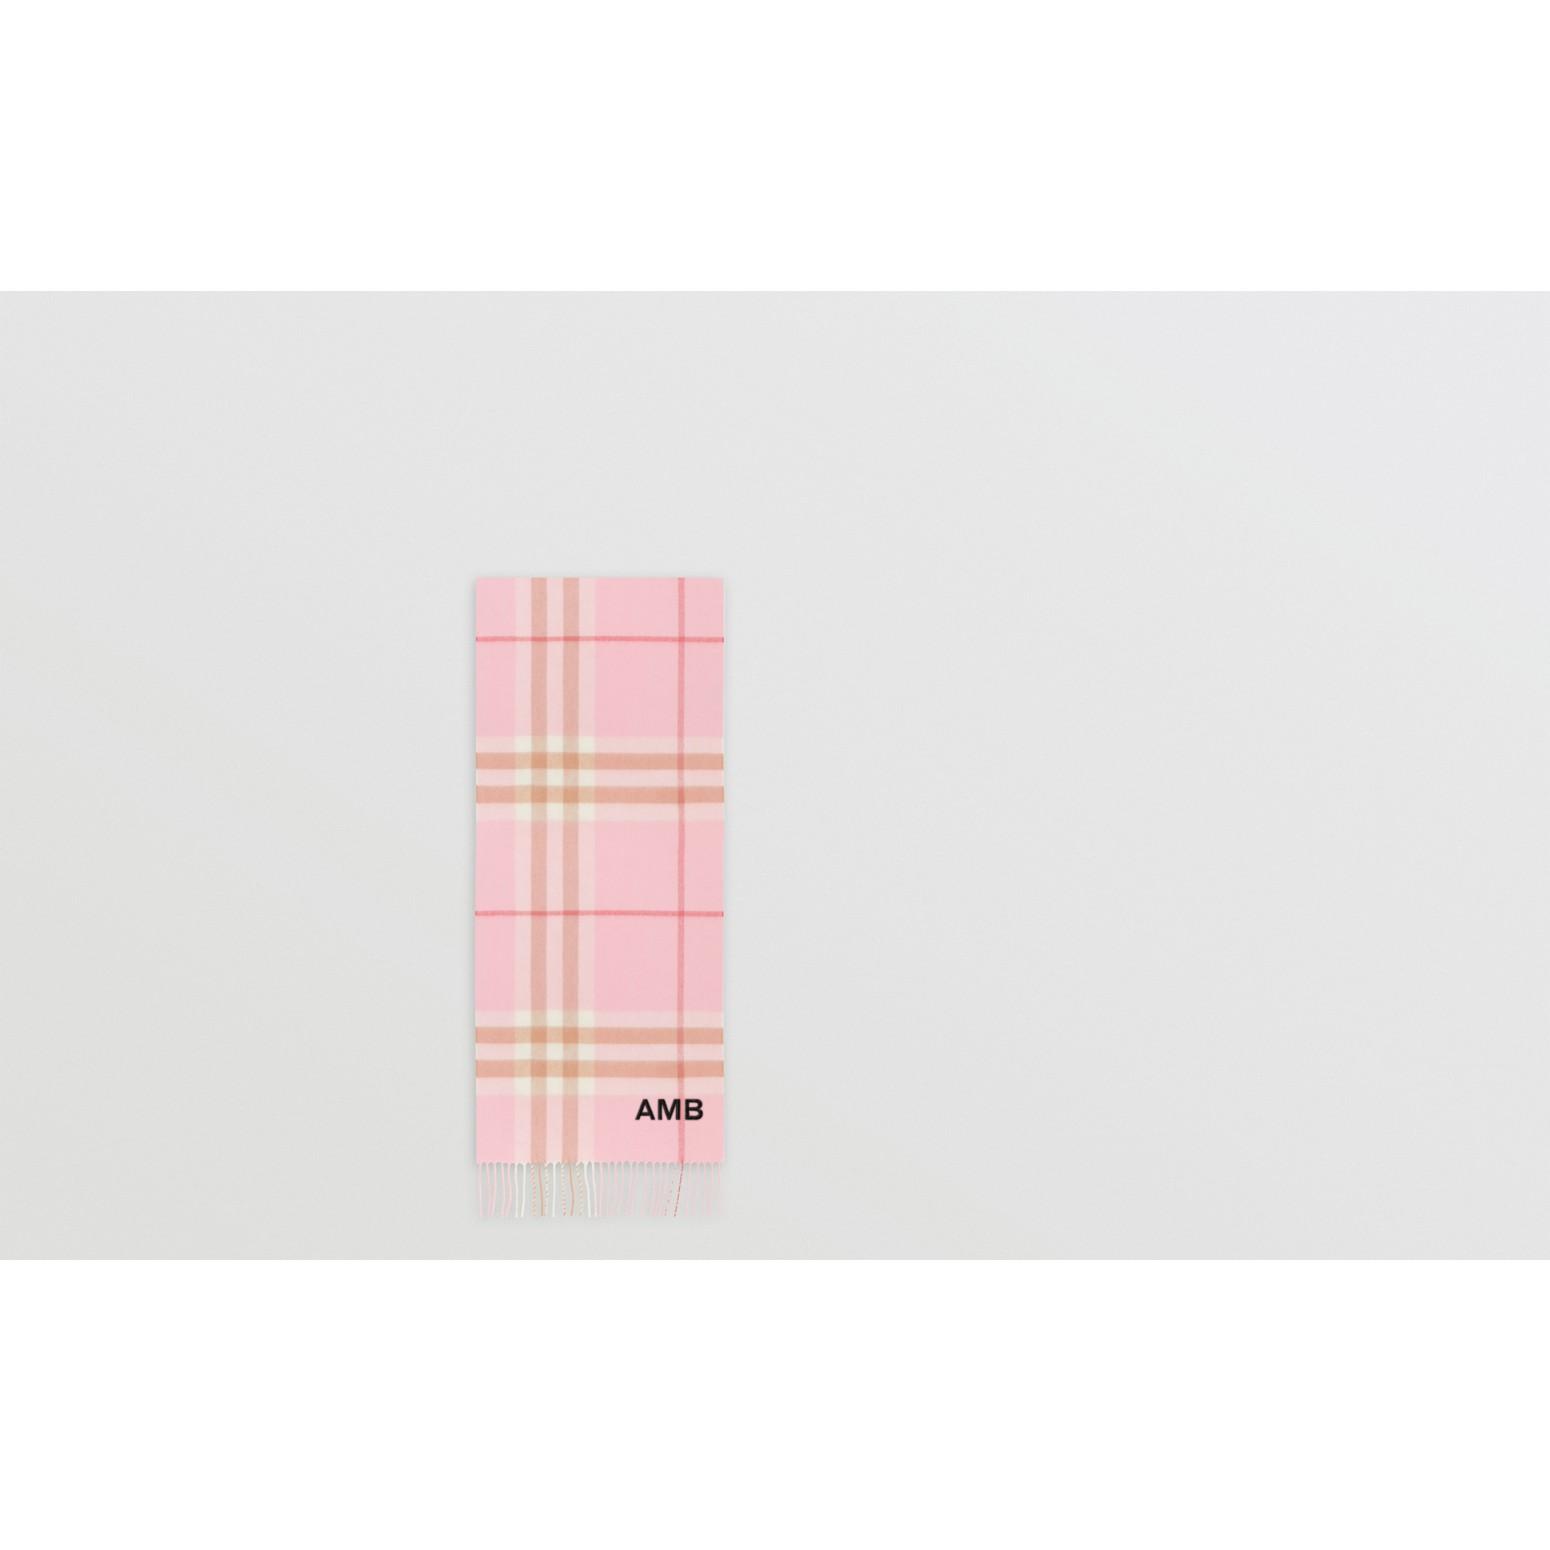 クラシック チェック カシミアスカーフ (キャンディピンク) | バーバリー - ギャラリーイメージ 1